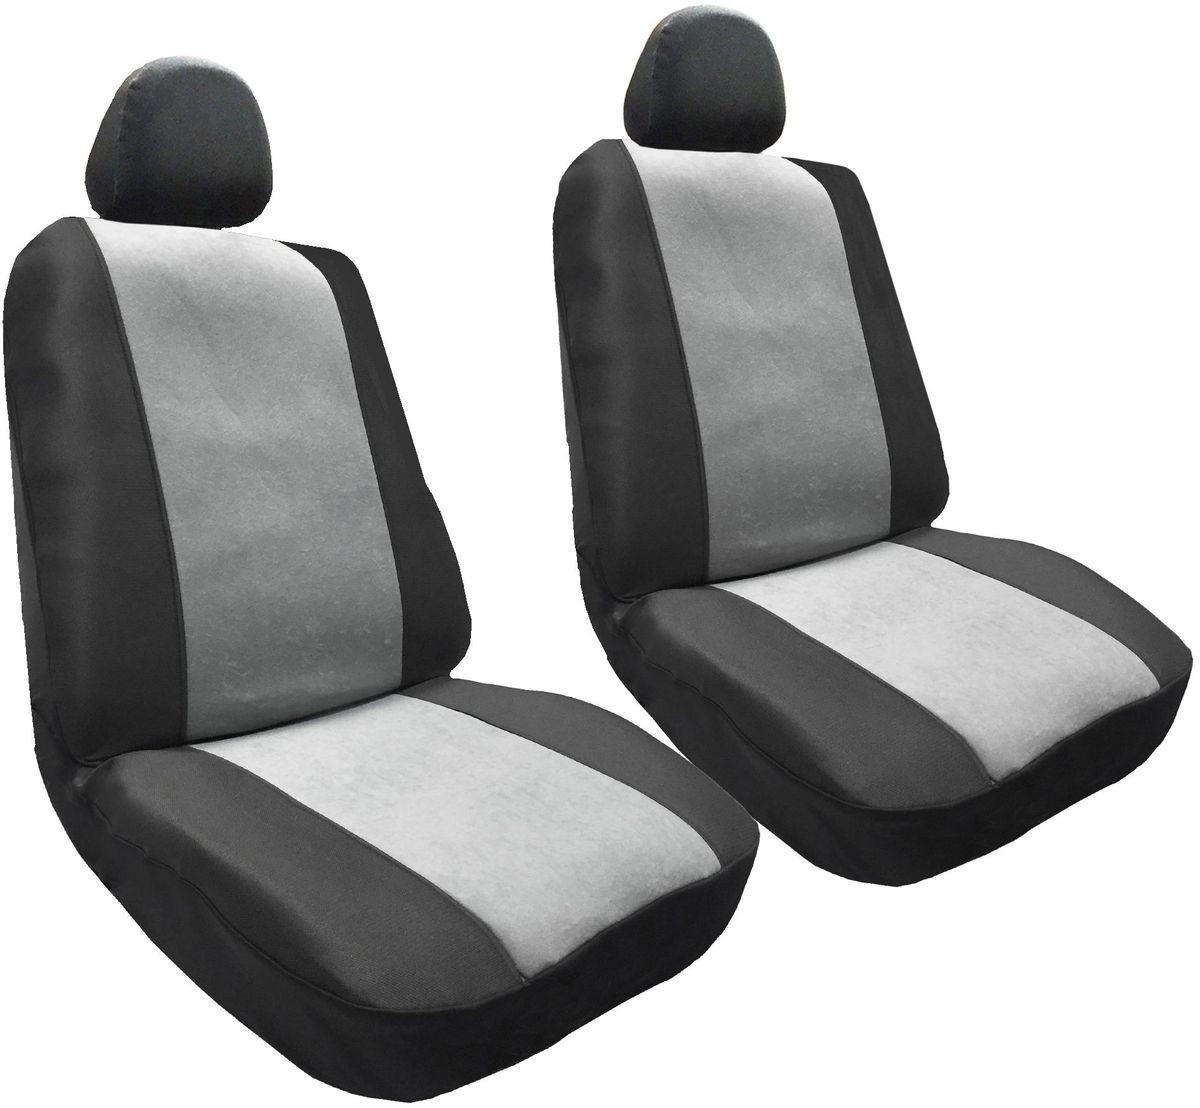 Набор автомобильных чехлов Auto Premium Корвет, цвет: черный, серый, 4 предмета57301Комплект универсальных чехлов Auto Premium Корвет выполнен из велюра. Предназначен для передних кресел автомобиля. В комплект входят съемные чехлы для подголовников. Практичный и долговечный комплект чехлов для передних сидений надежно защищает сиденье водителя и пассажира от механических повреждений, загрязнений и износа.